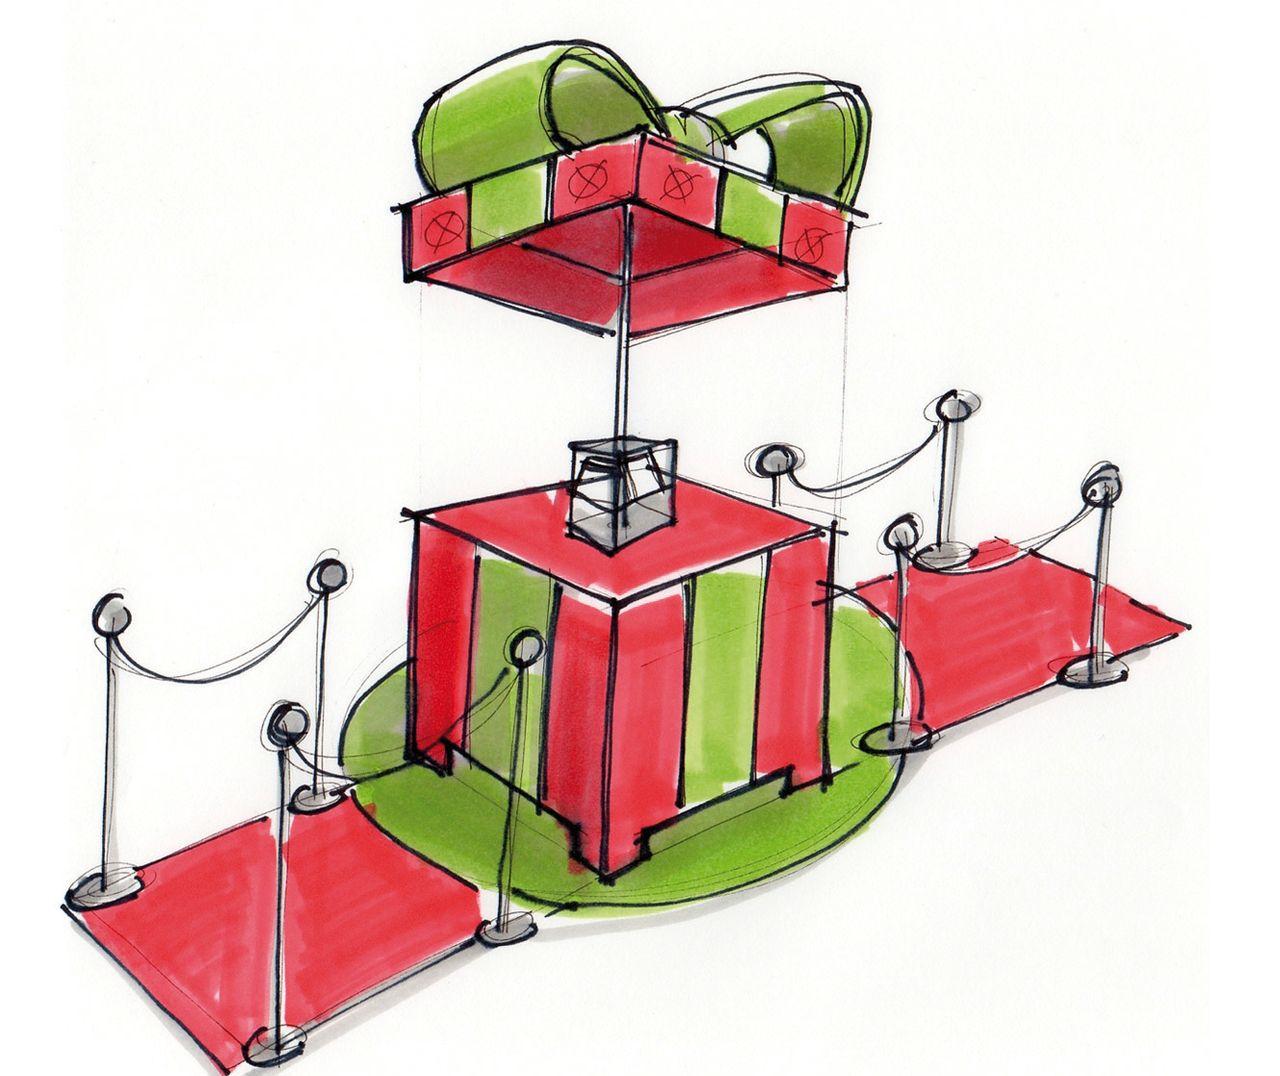 Afbeelding kadobox ontwerp